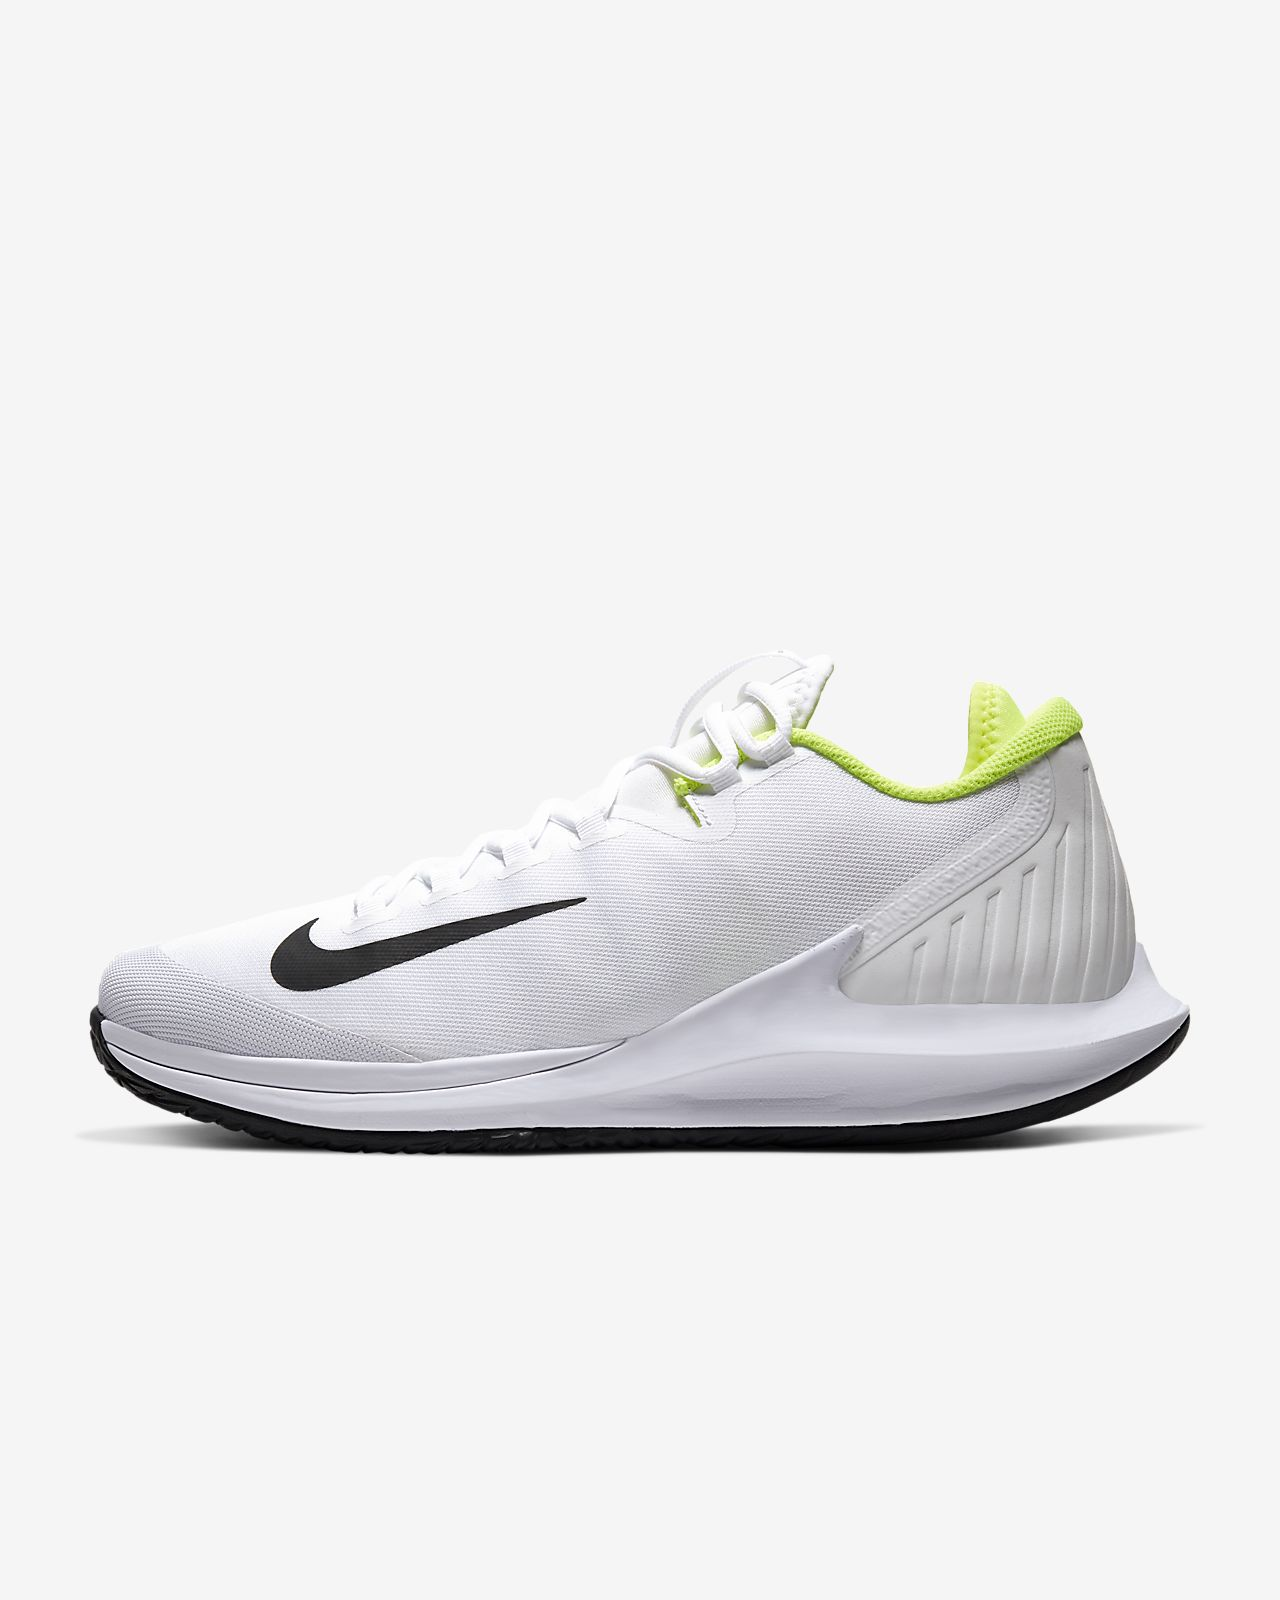 NikeCourt Air Zoom Zero férfi teniszcipő